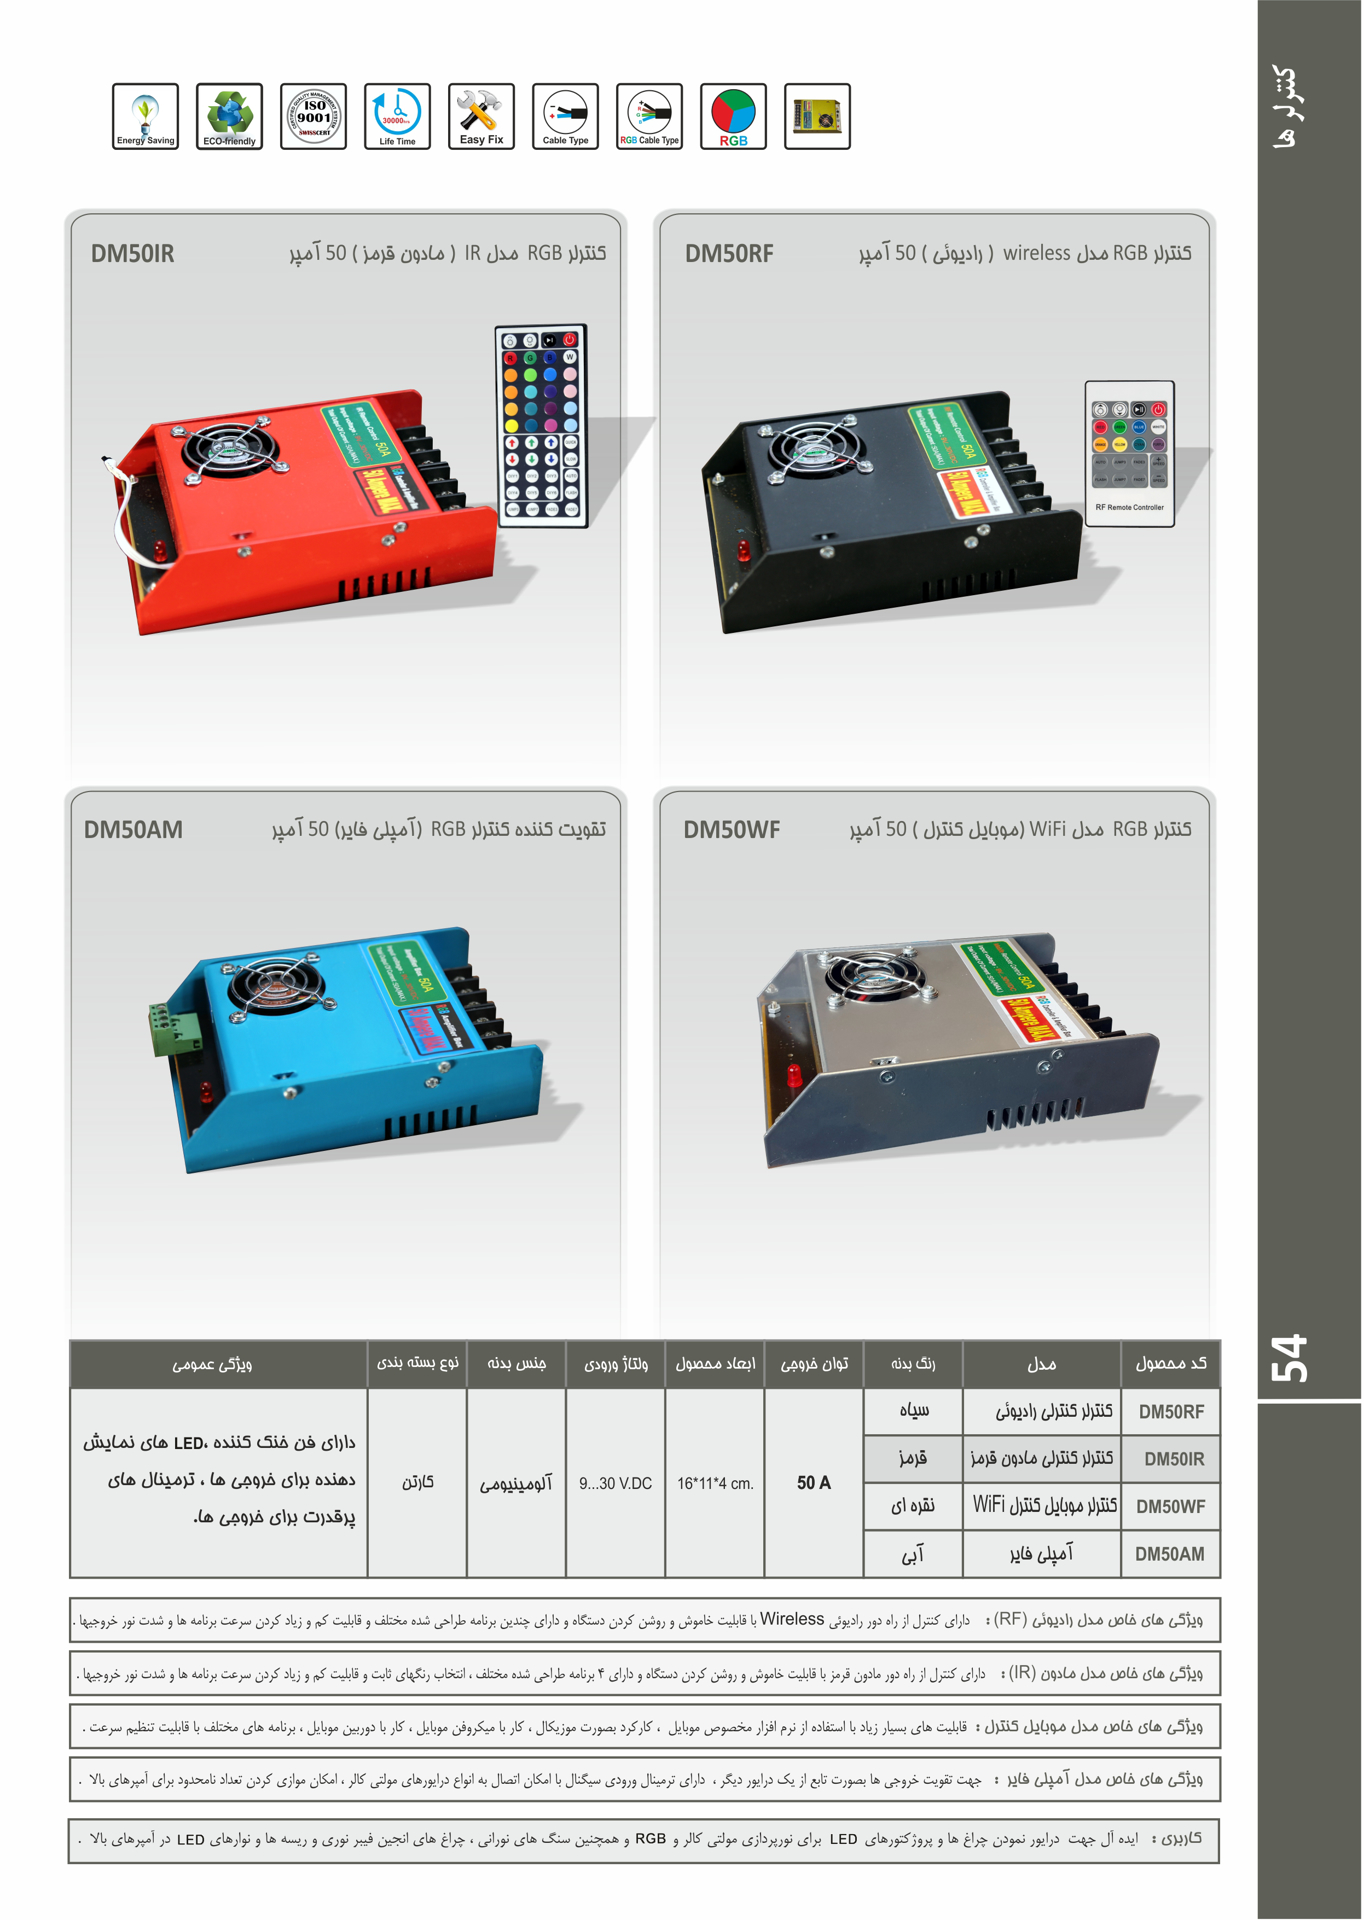 کنترلر RGB مادون قرمز 50 آمپر - کنترلر RGB مادون قرمز - کنترلر RGB مادون قرمز 5 ولت